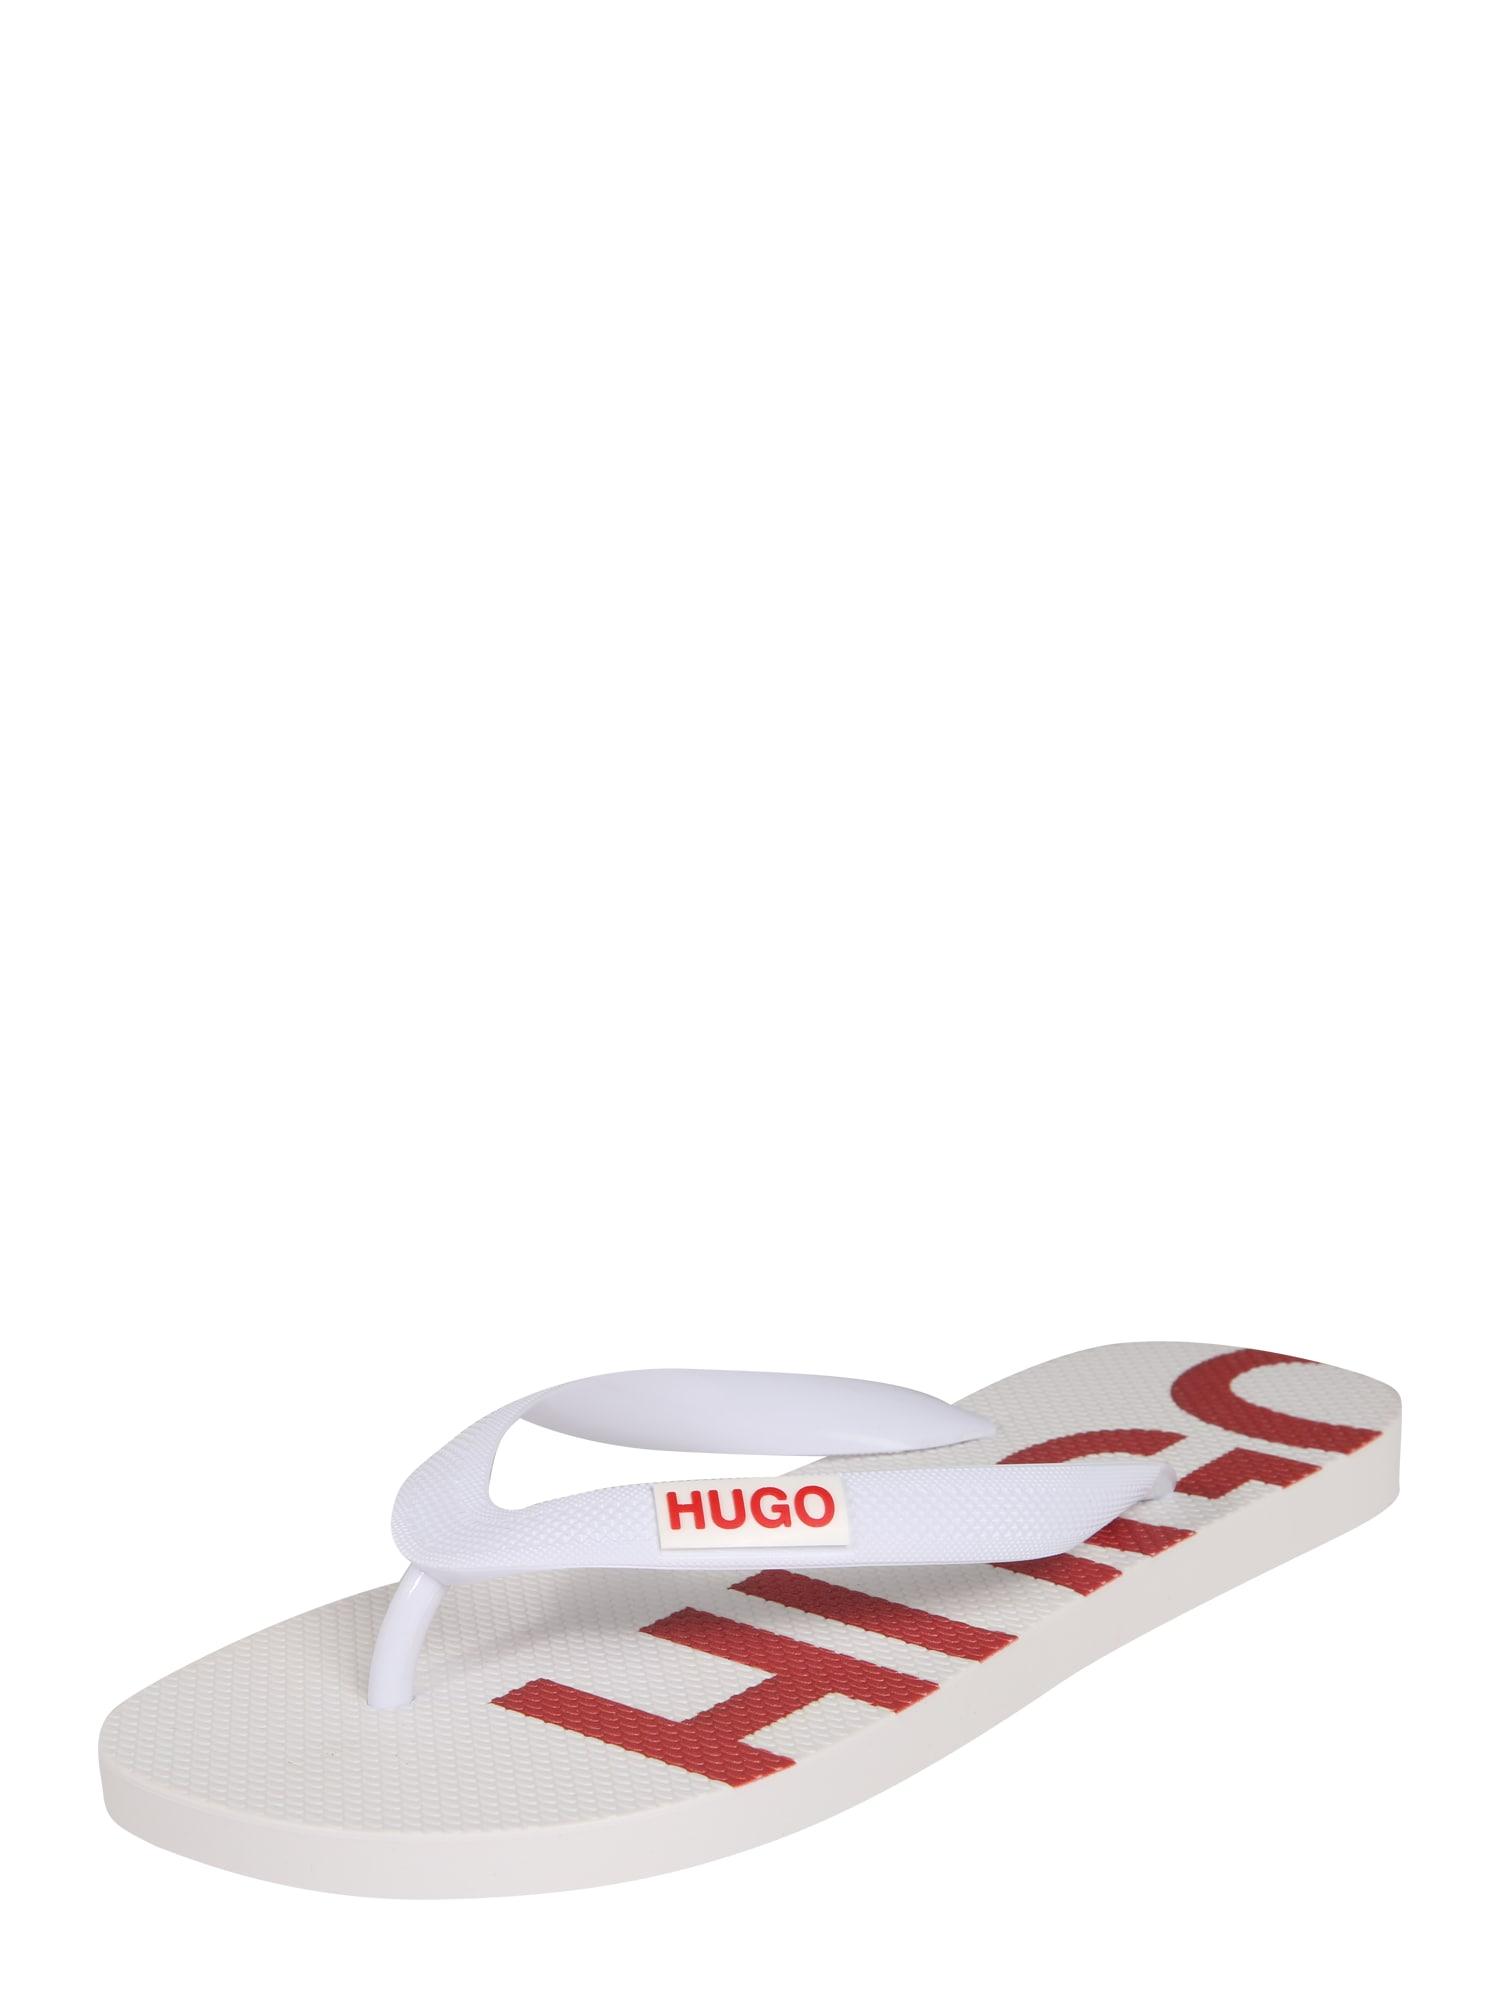 HUGO Šlepetės per pirštą balta / šviesiai raudona